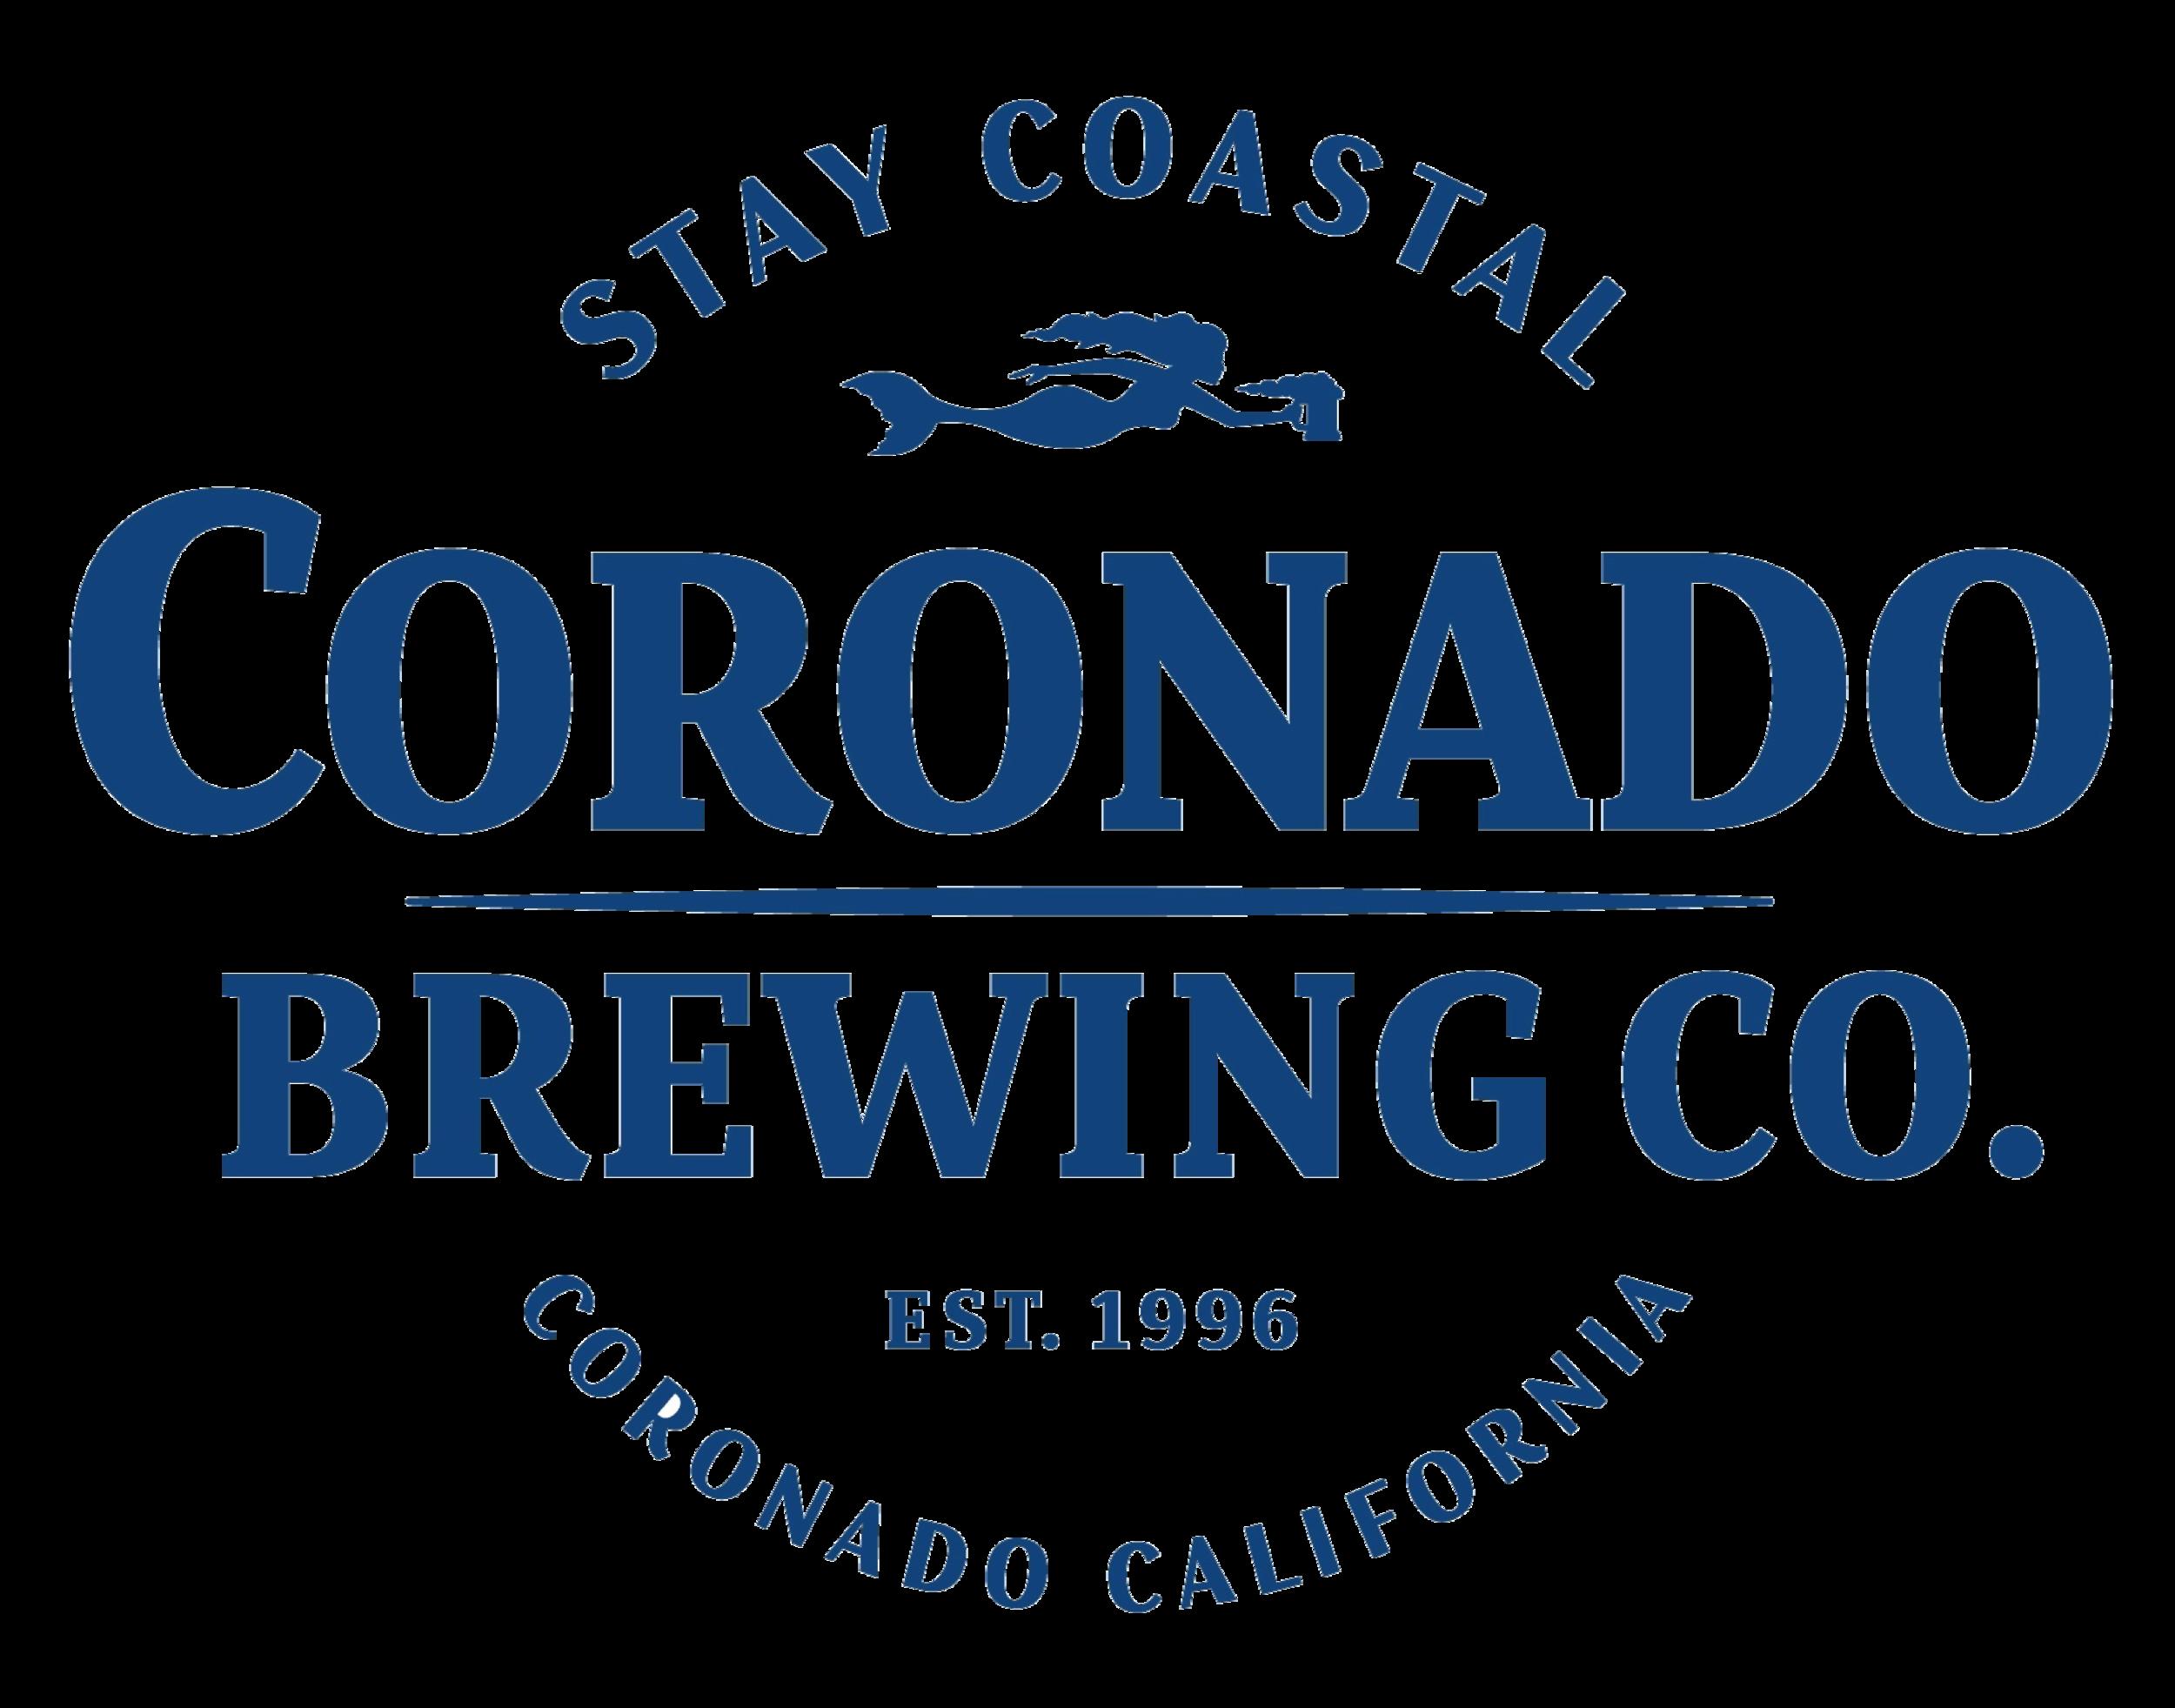 Coronado Brewing Company logo. Links to Coronado Brewing Company website.